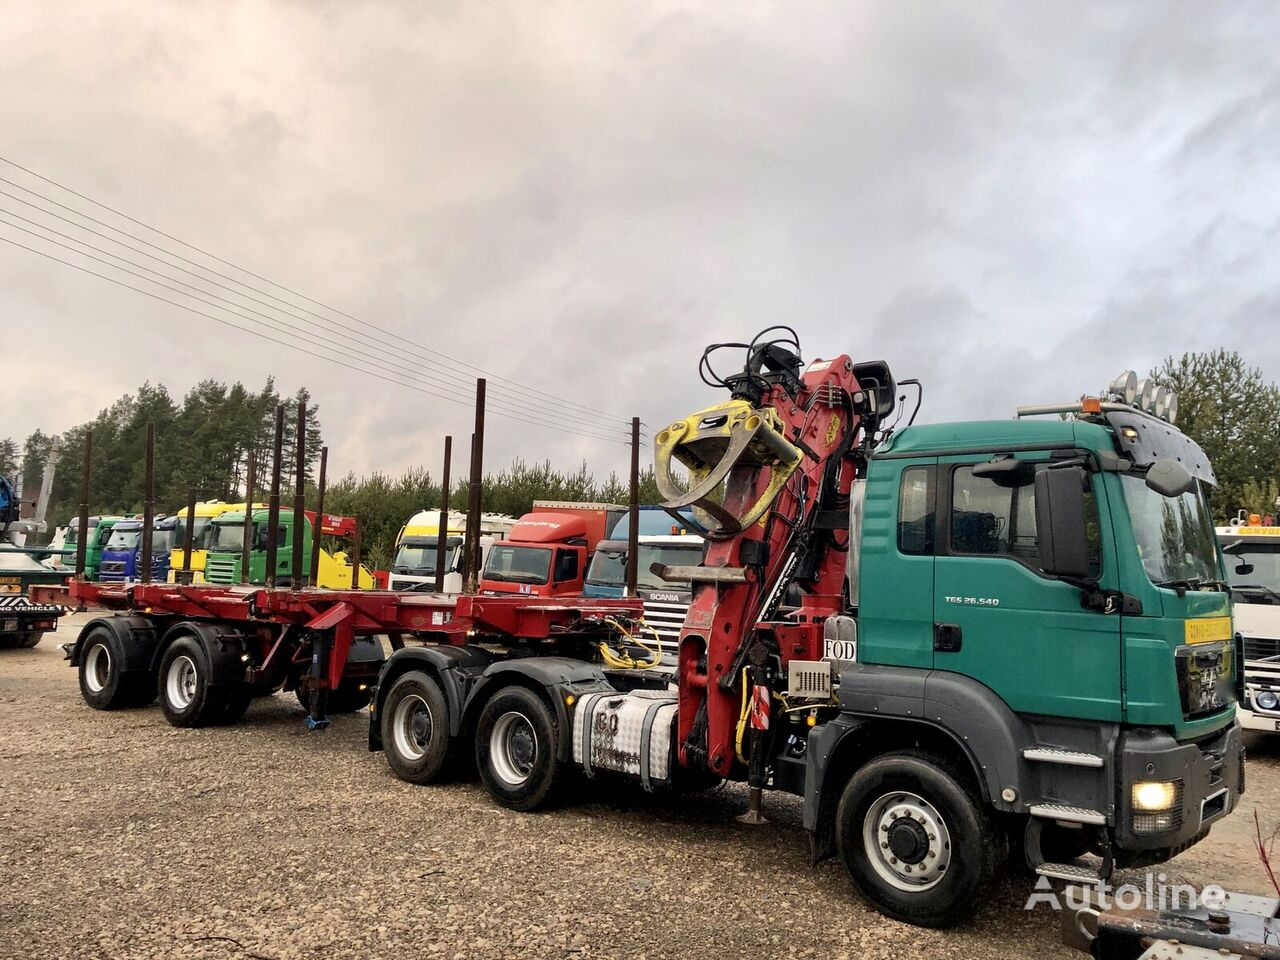 MAN TGS 26.540 KM 6x6 hydrodrive LOGLIFT 265 ZT do drewna timber truck